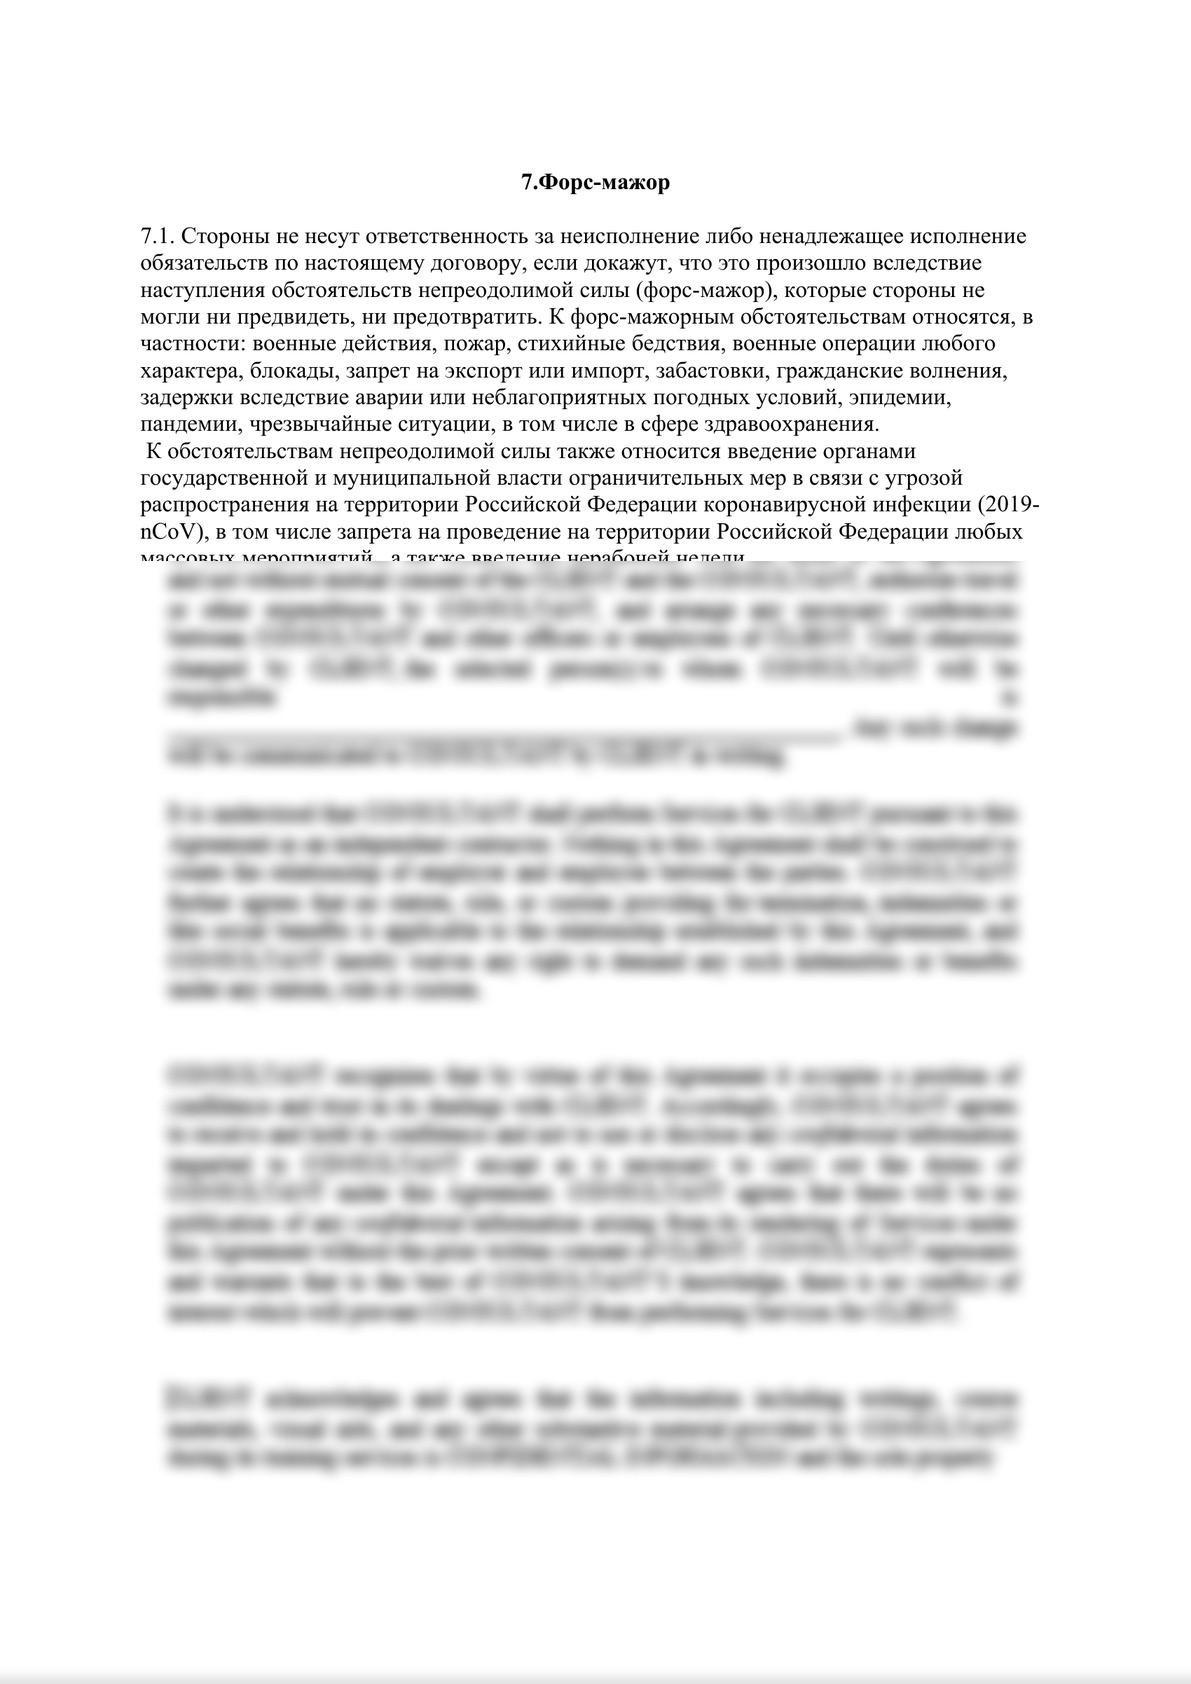 Раздел в договоре, приравнивающий последствий Пандемии к Форс-Мажору-0